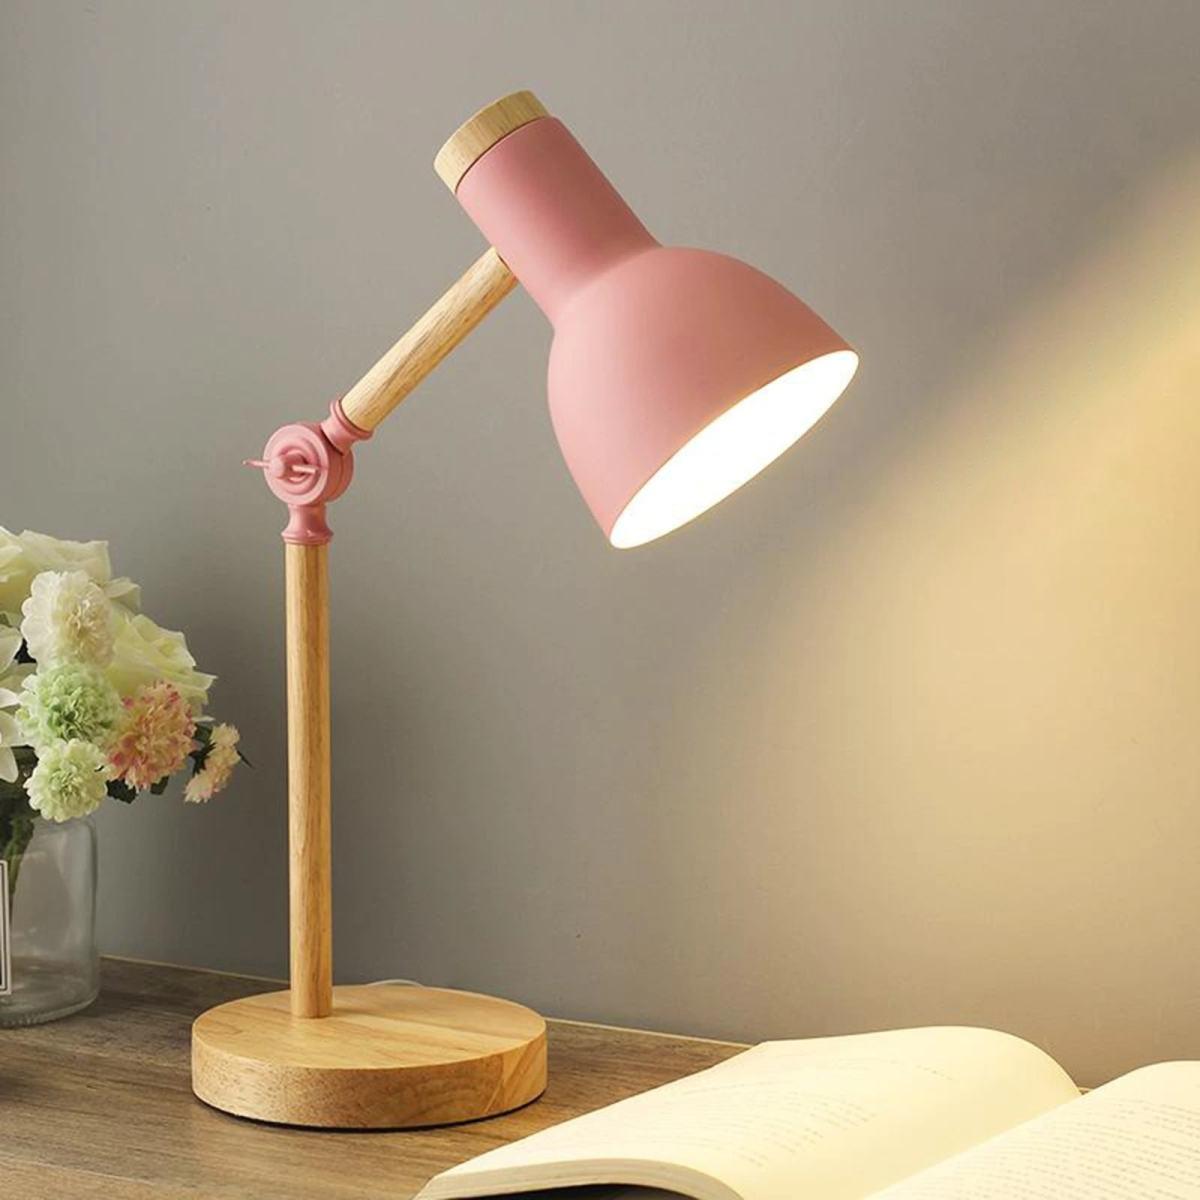 lampe de bureau scandinave ajustable rose